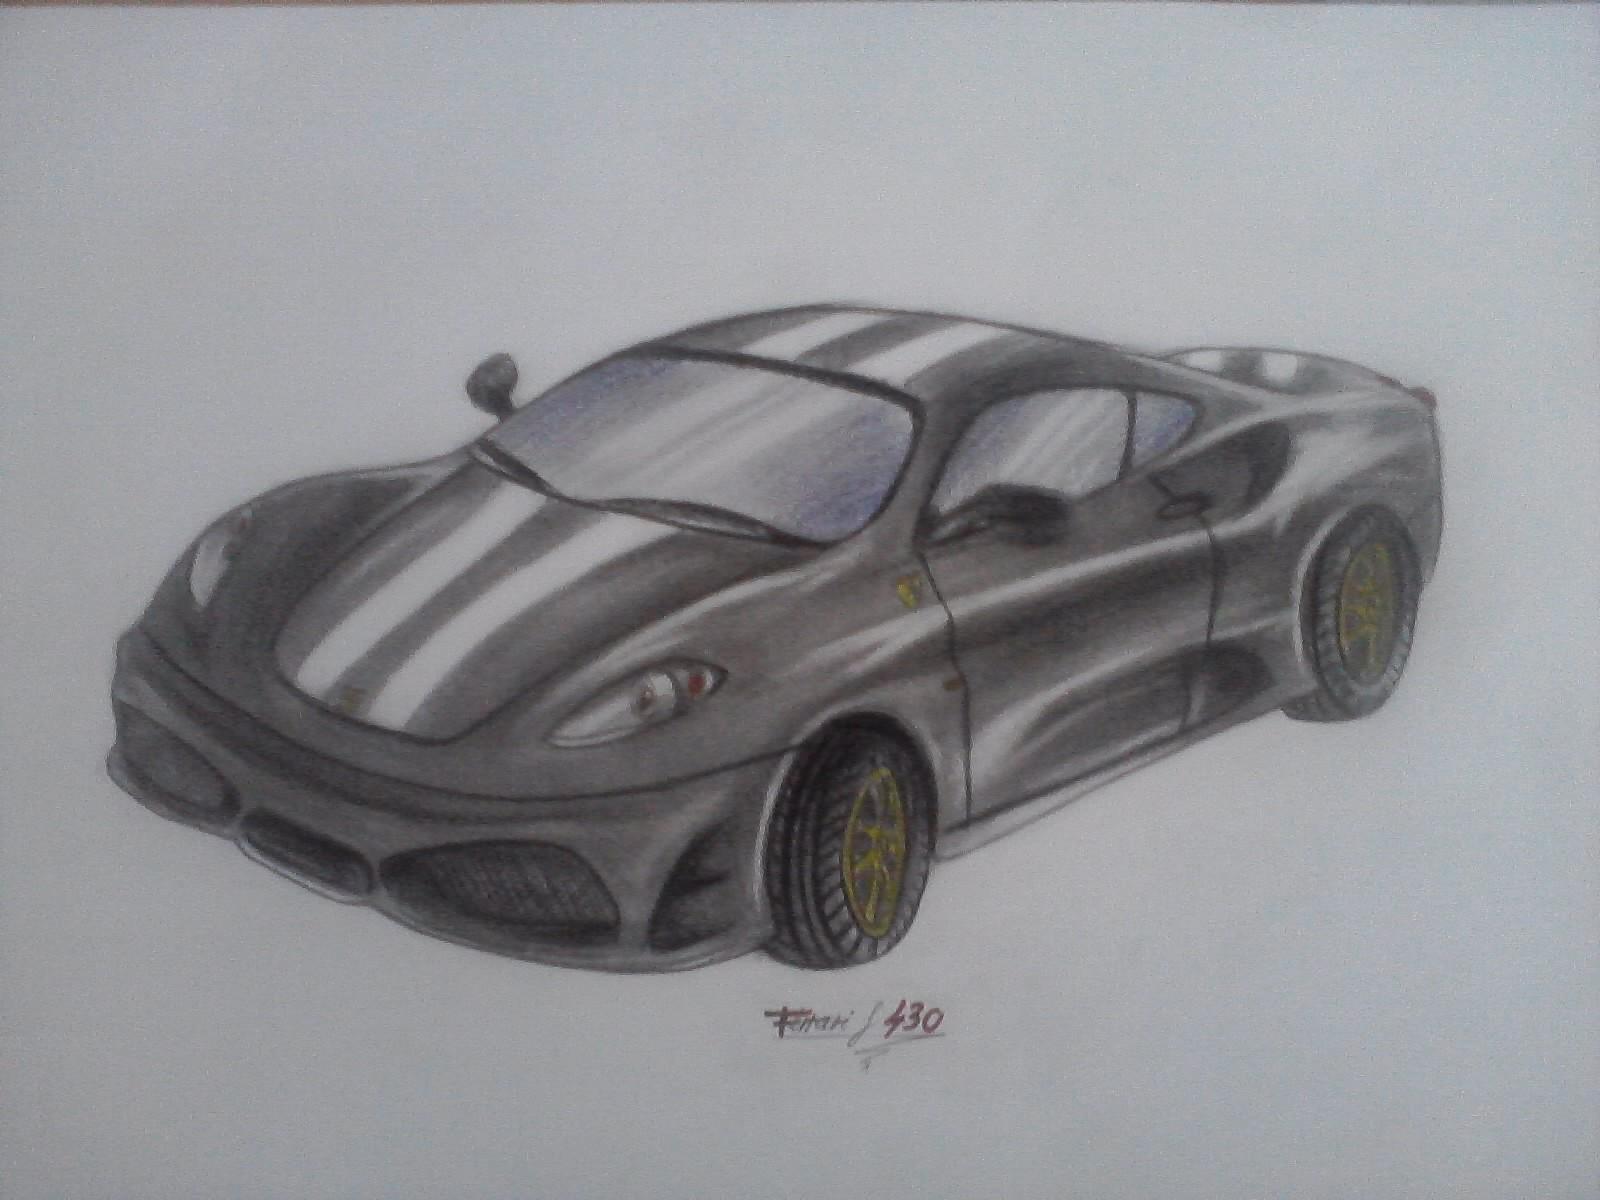 FerrariF430 by HakumaRiyuichi